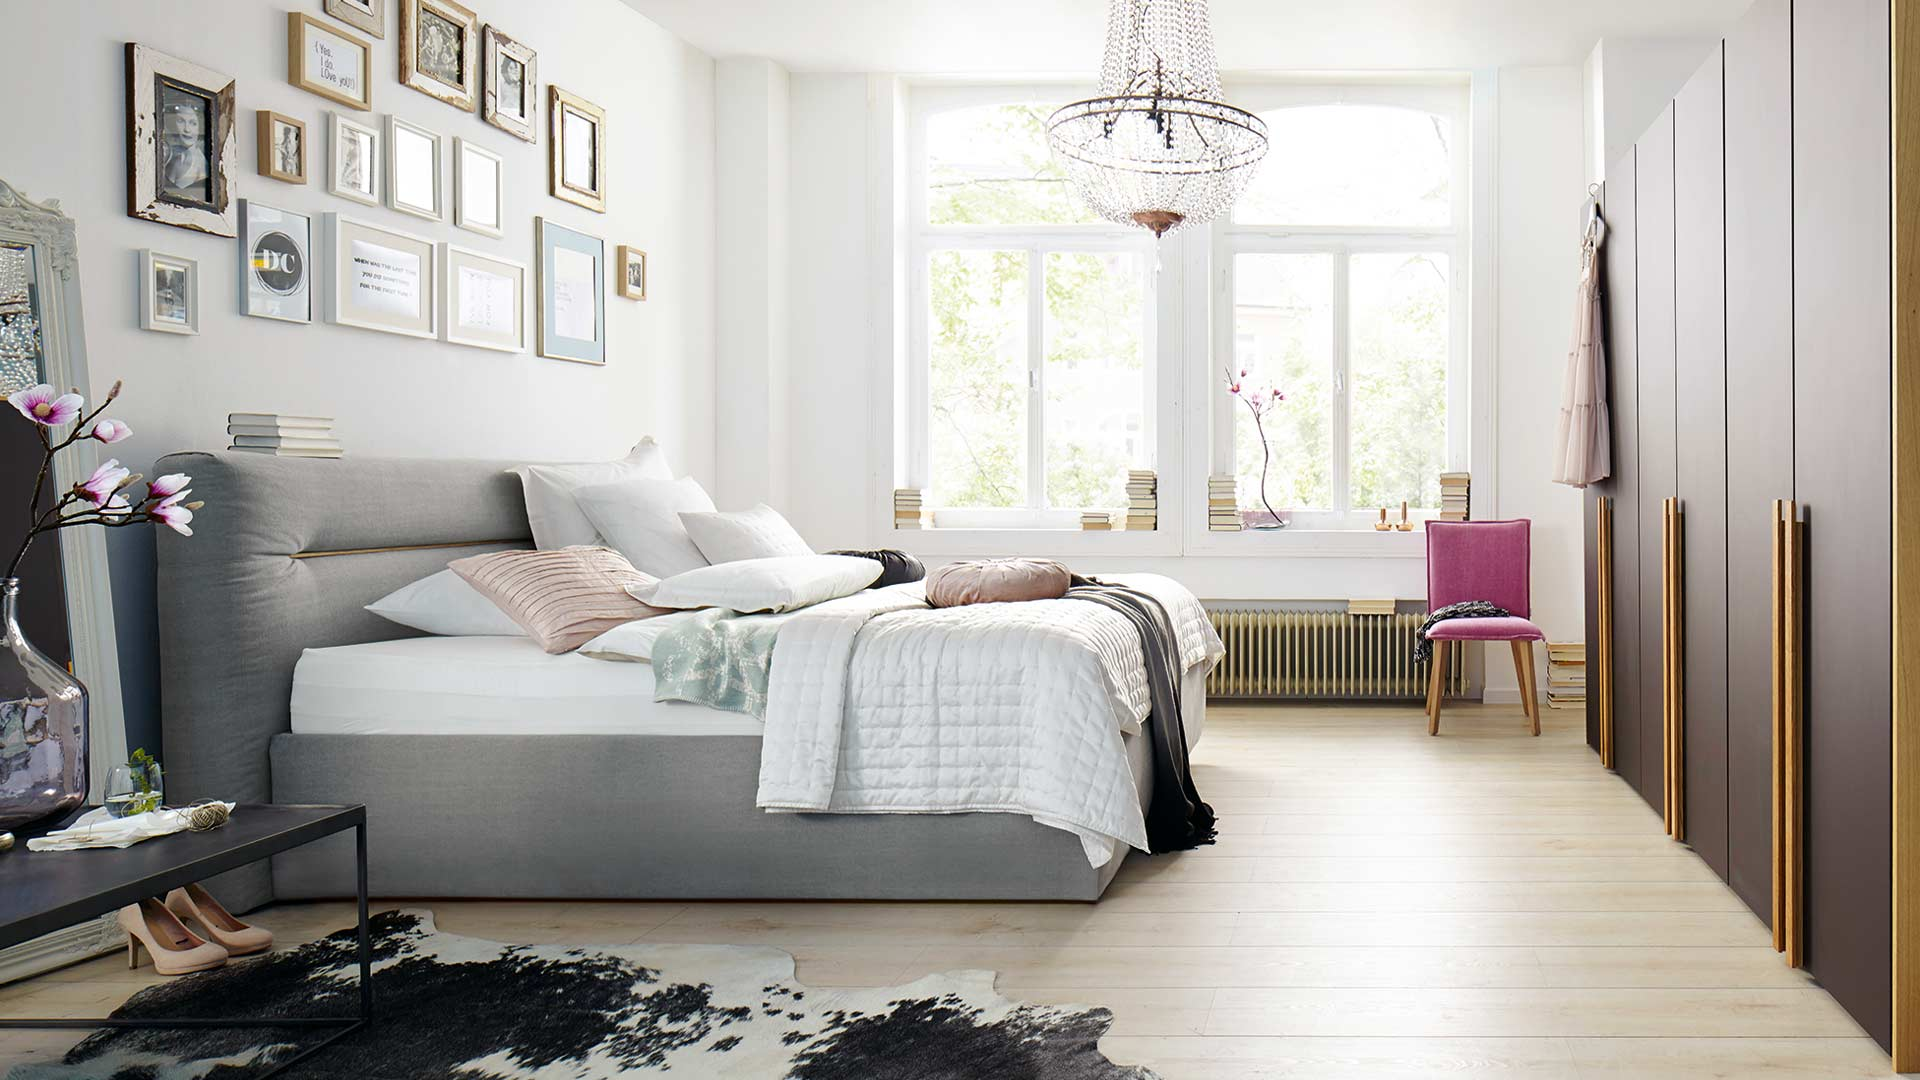 mbel hesse garbsen mbel hesse sofa cool modelle betreffend mbel hesse sofa kologische. Black Bedroom Furniture Sets. Home Design Ideas